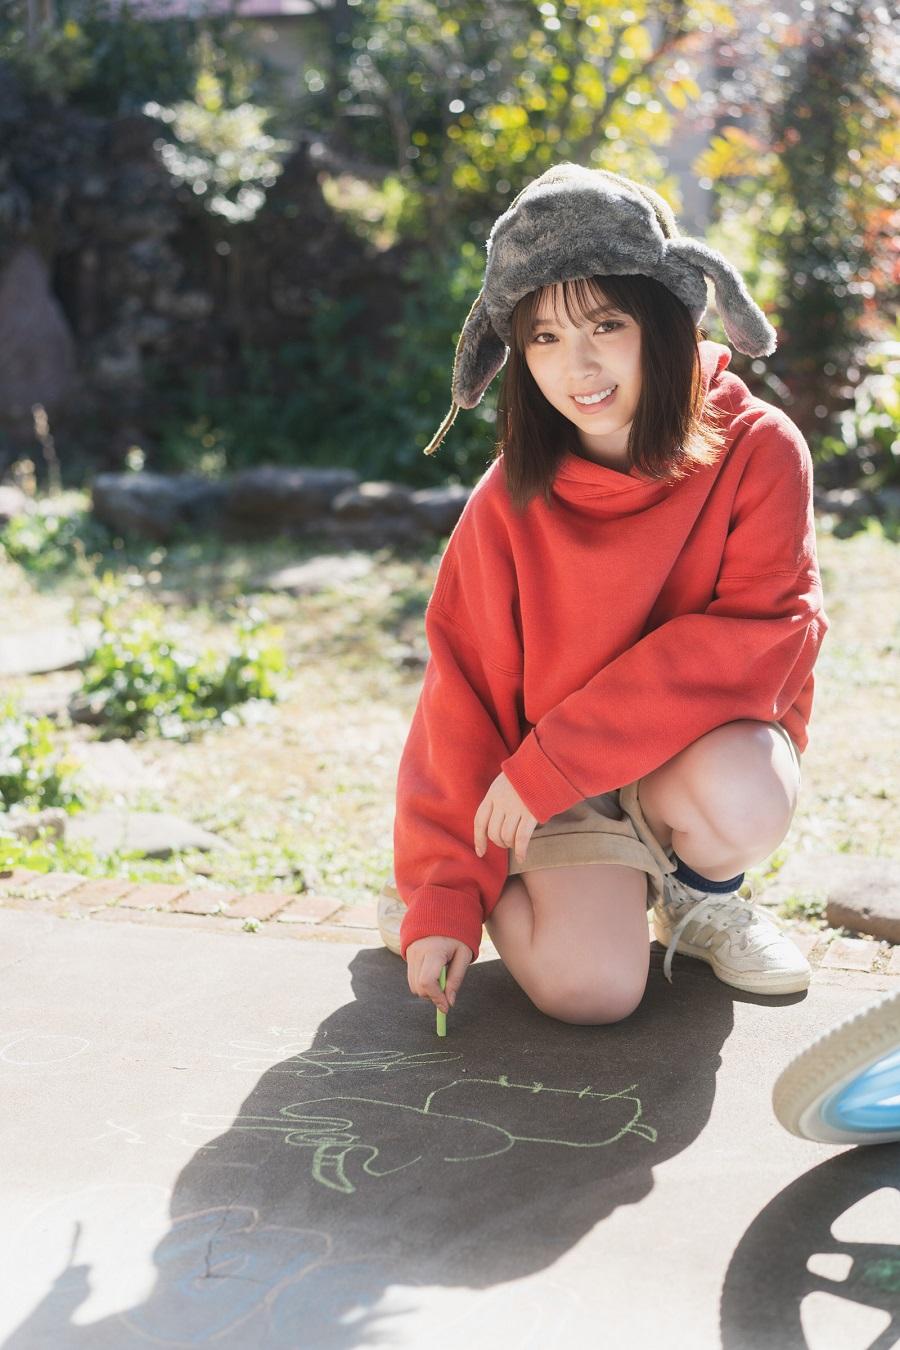 写真は、地面に落書きをする与田祐希さん(提供:東京ニュース通信社)